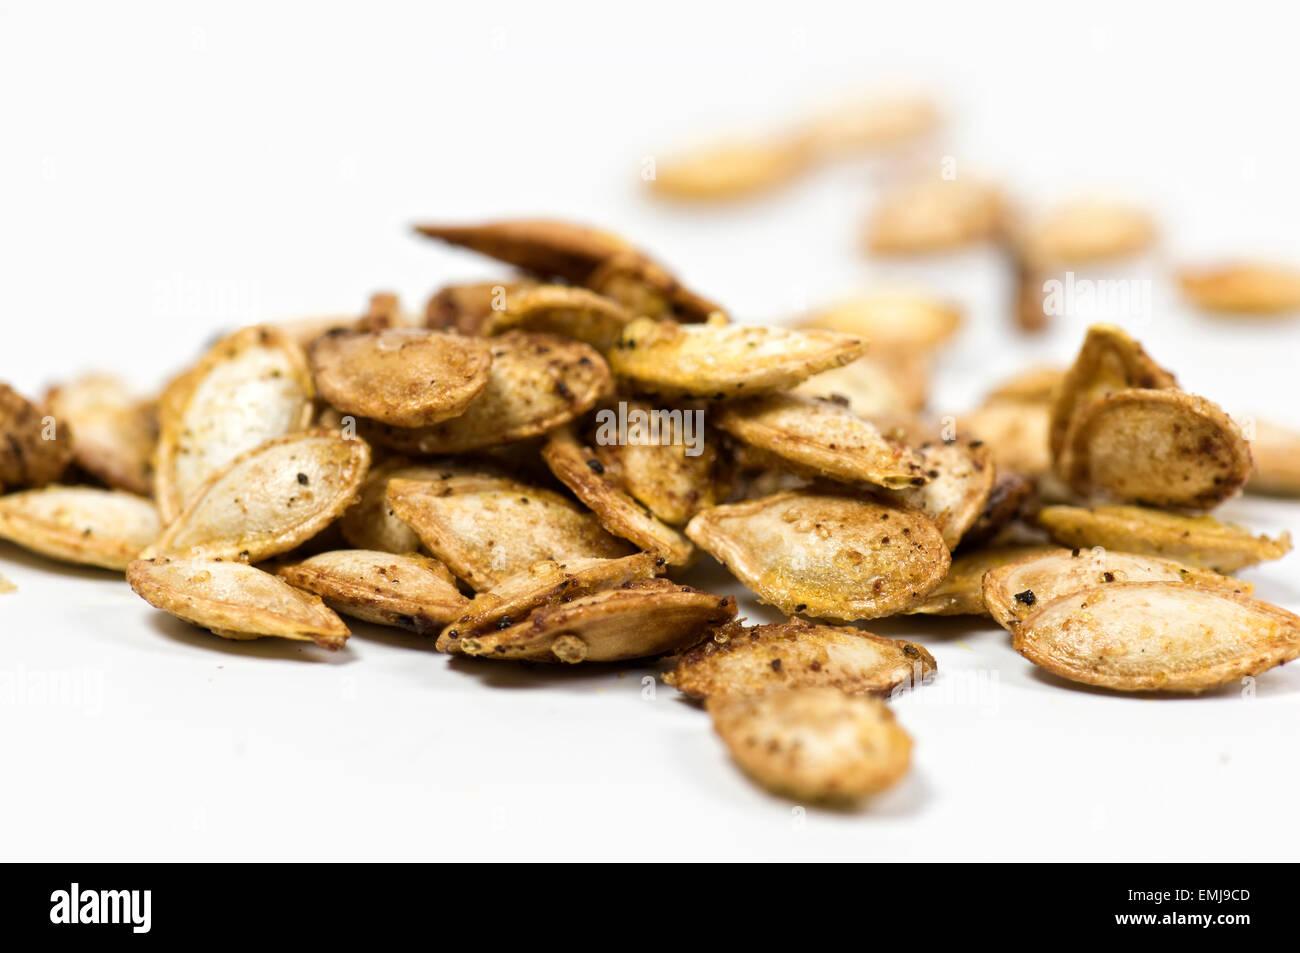 Arrosto di zucca semi su sfondo bianco Immagini Stock